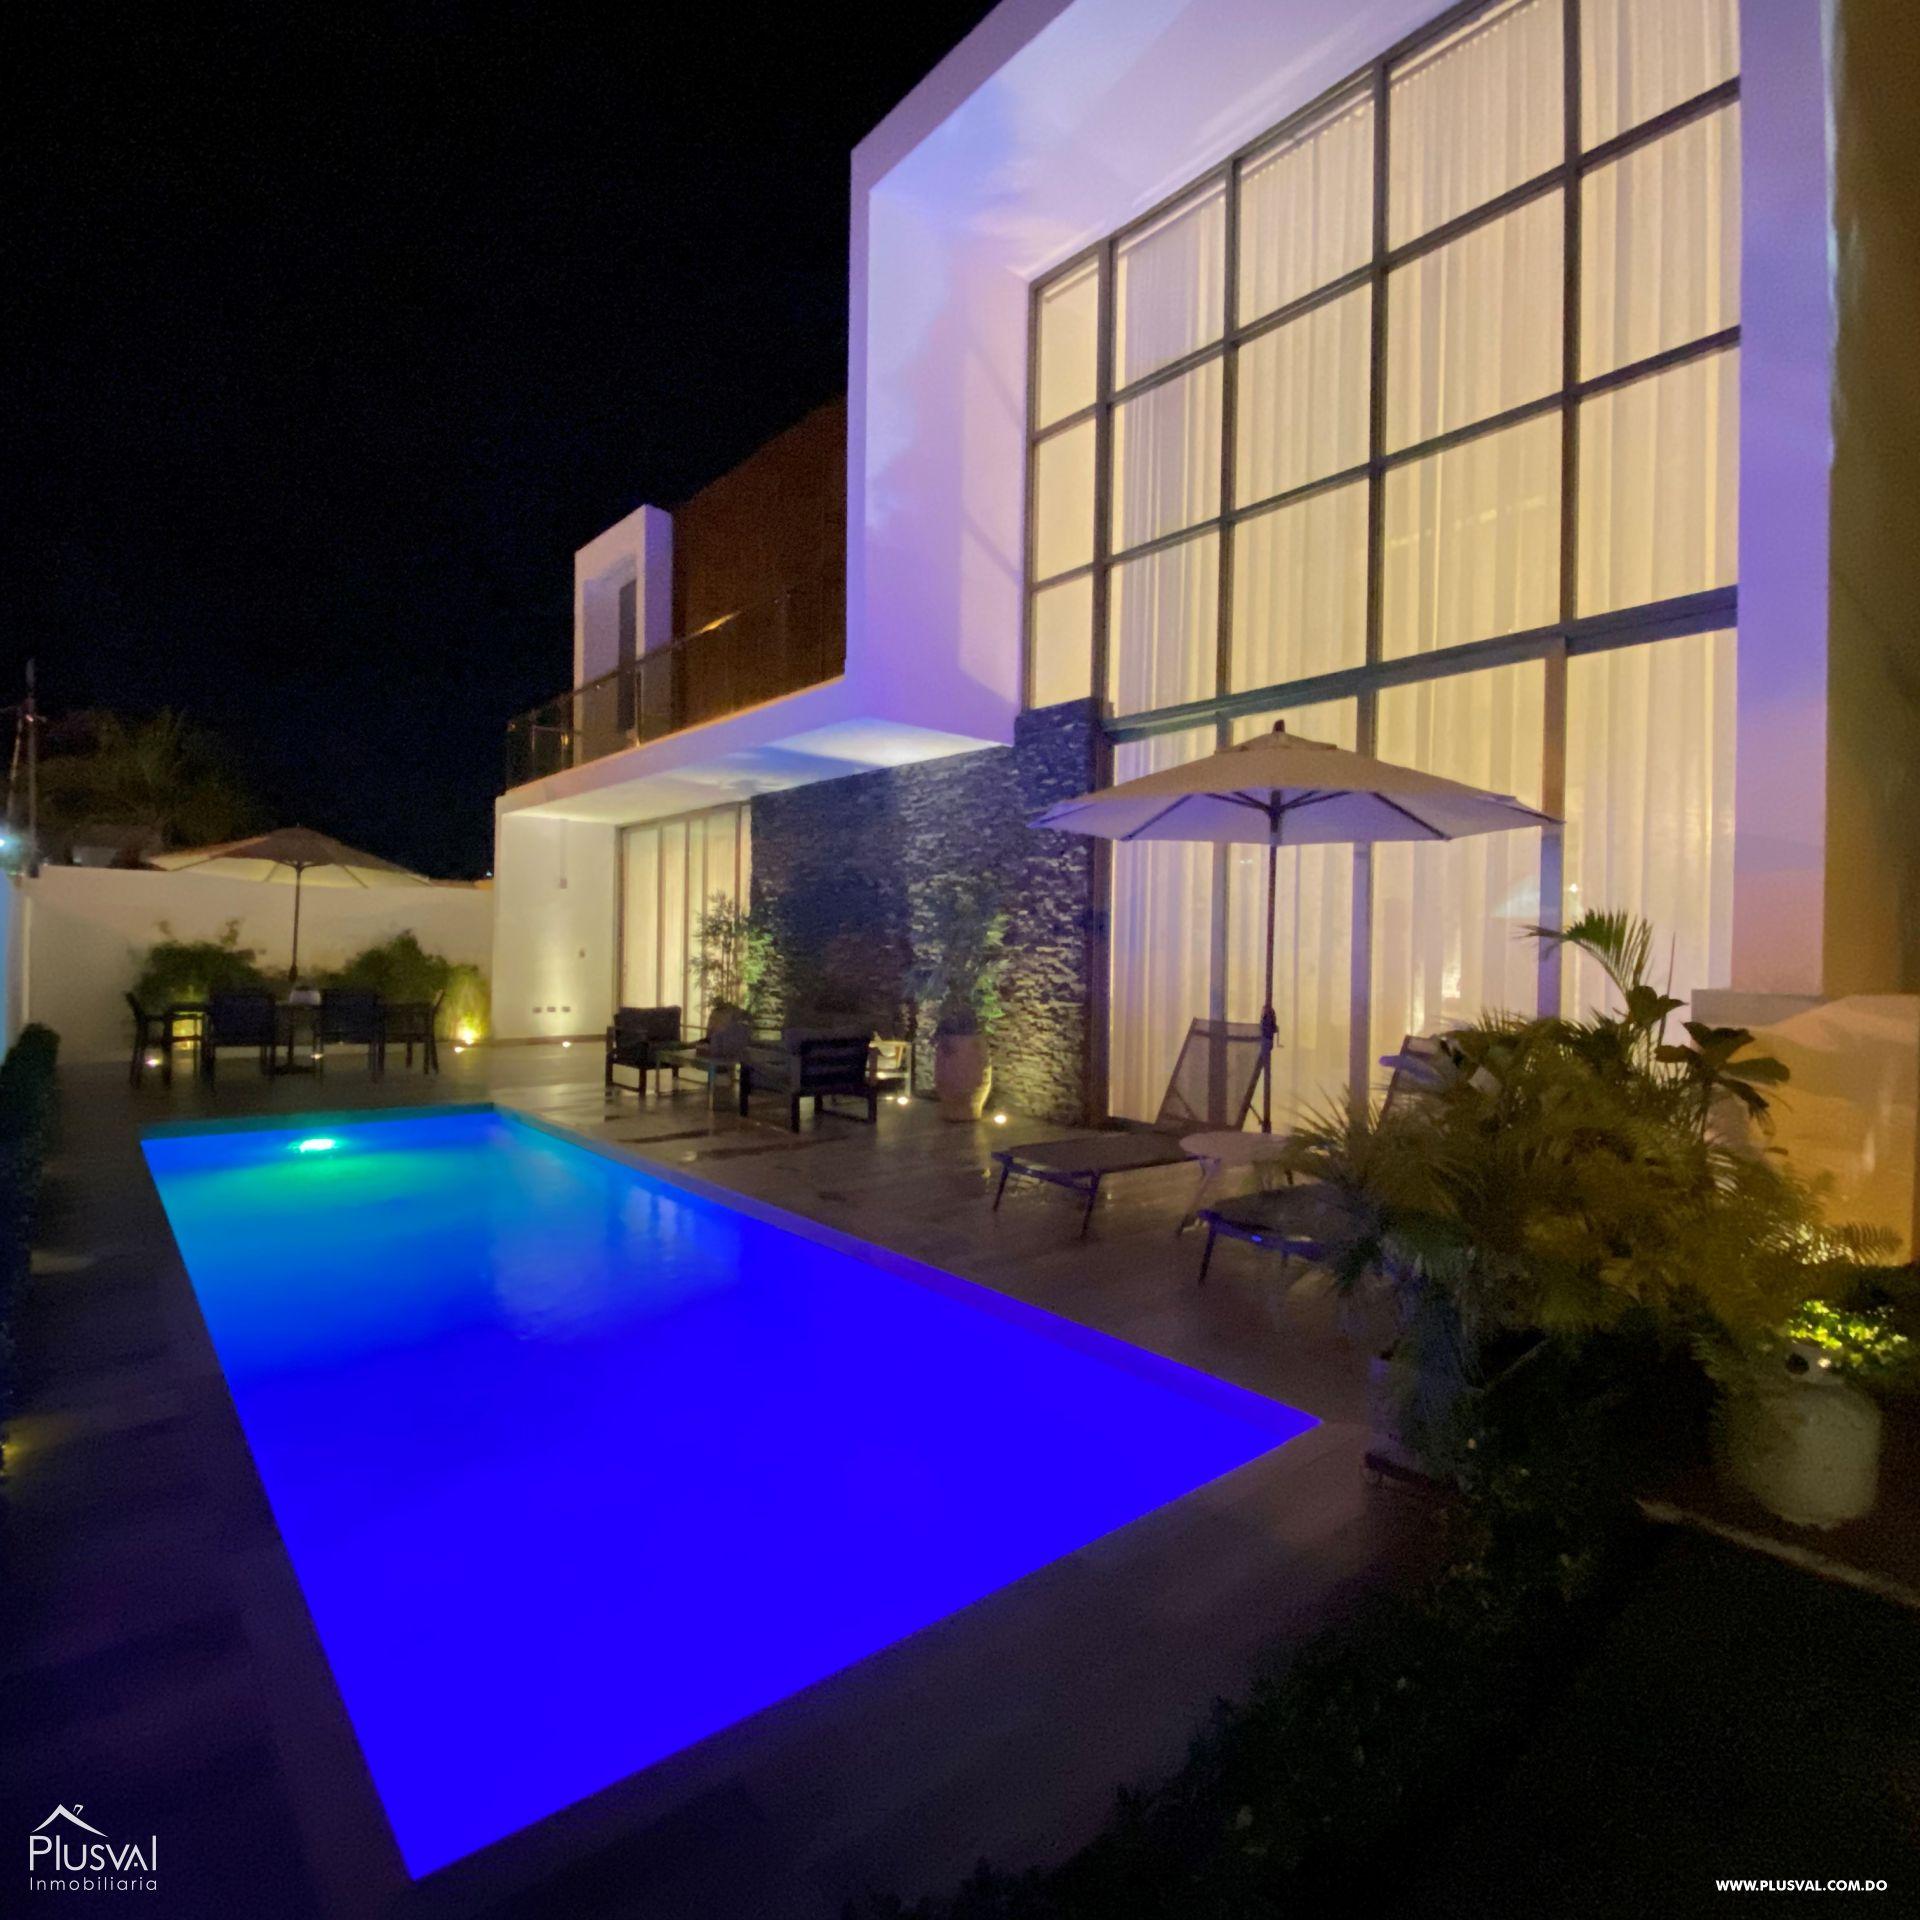 Casa en venta con piscina en Higüey 156598